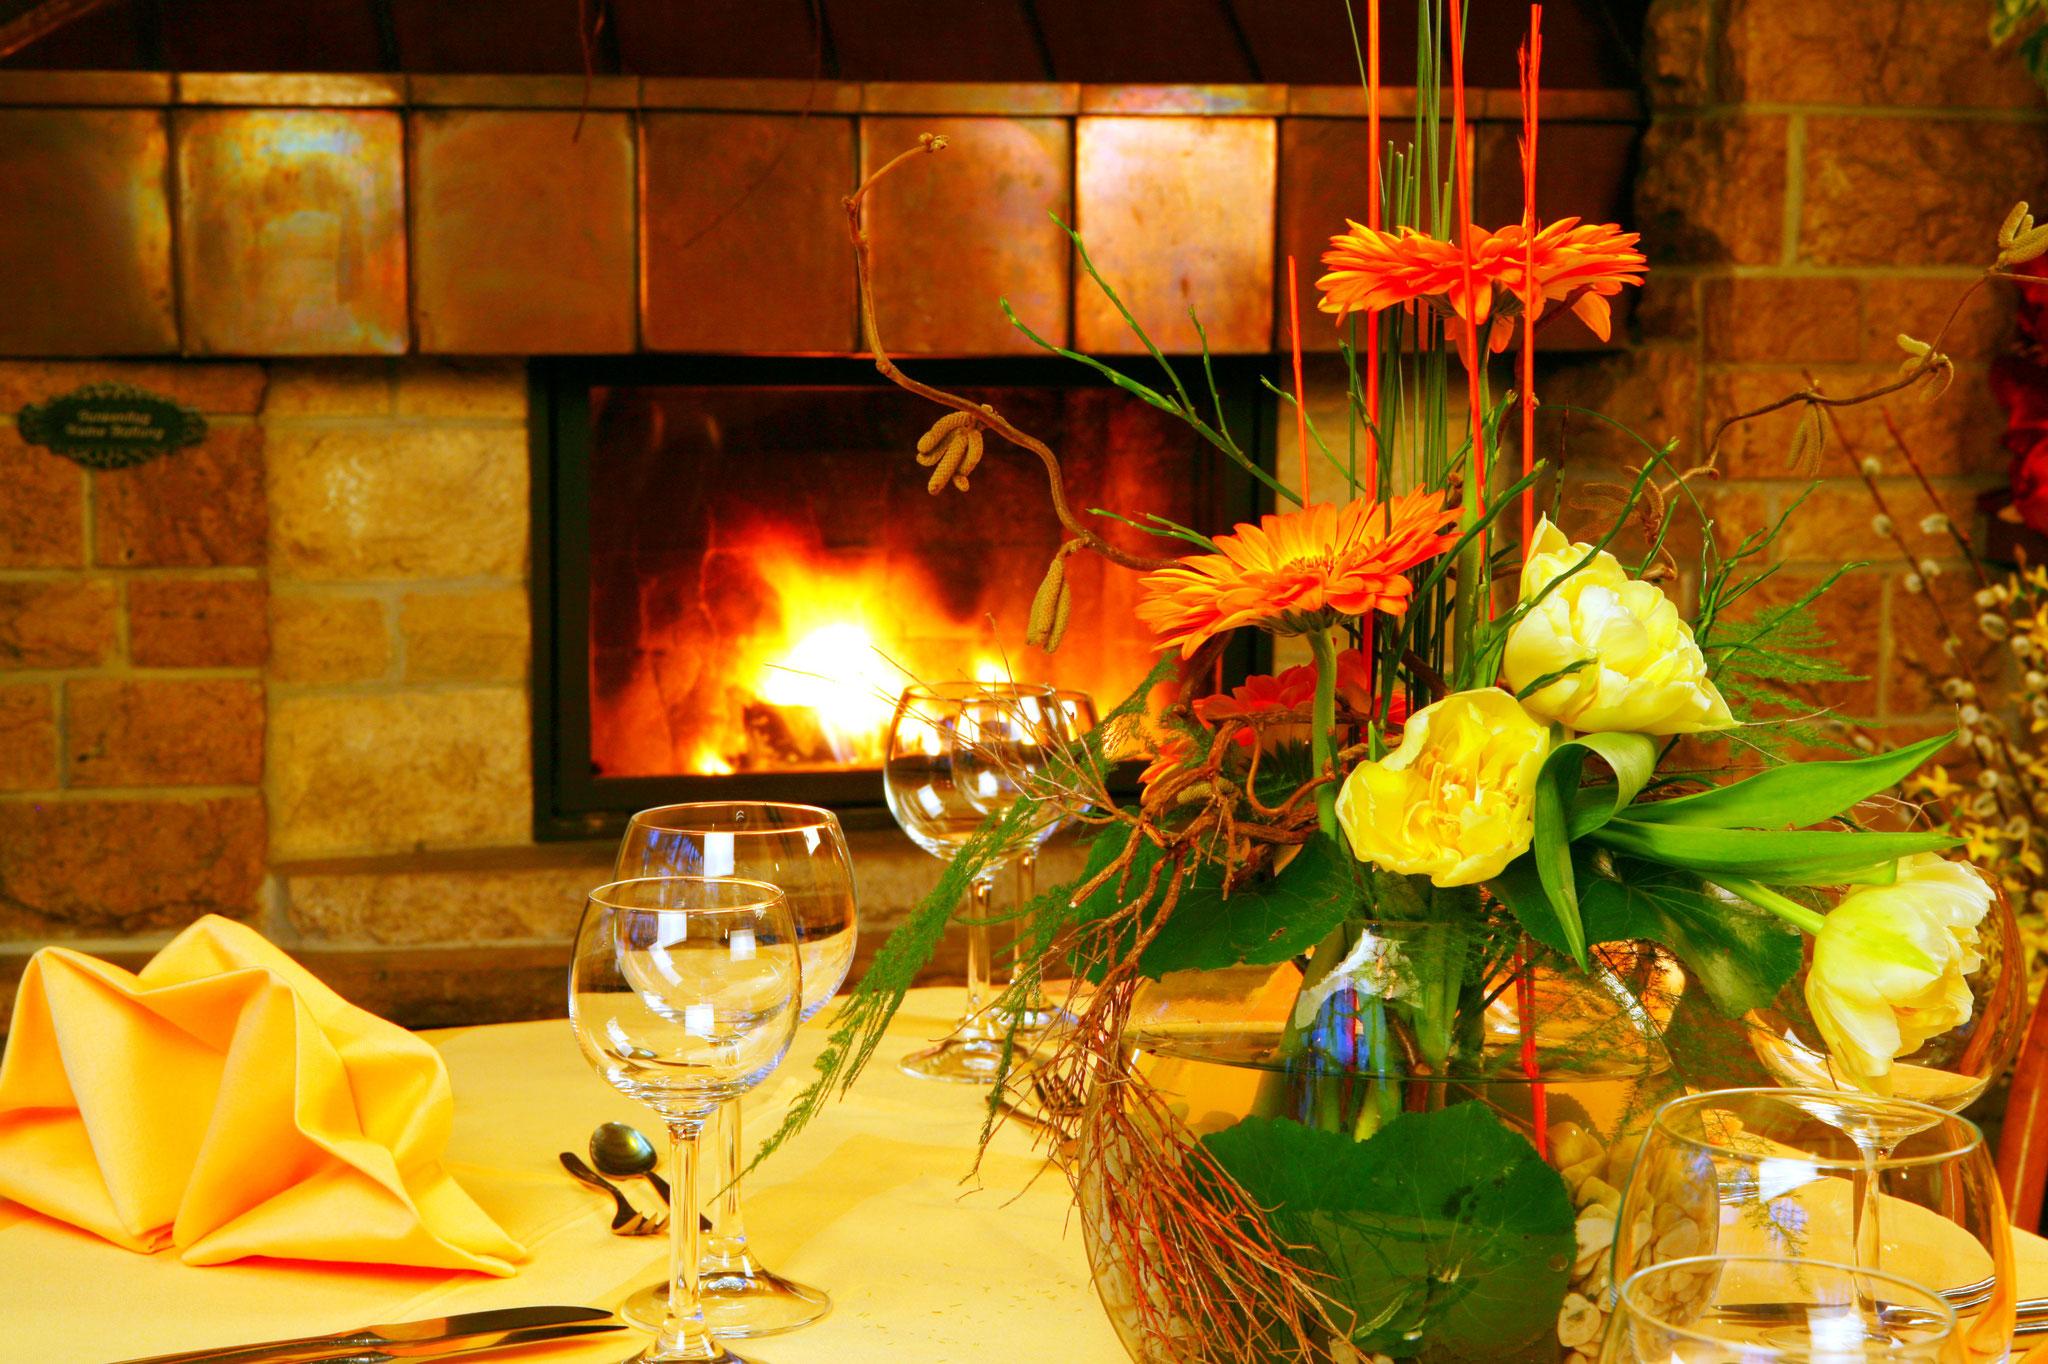 Kaminfeuer im Wintergarten